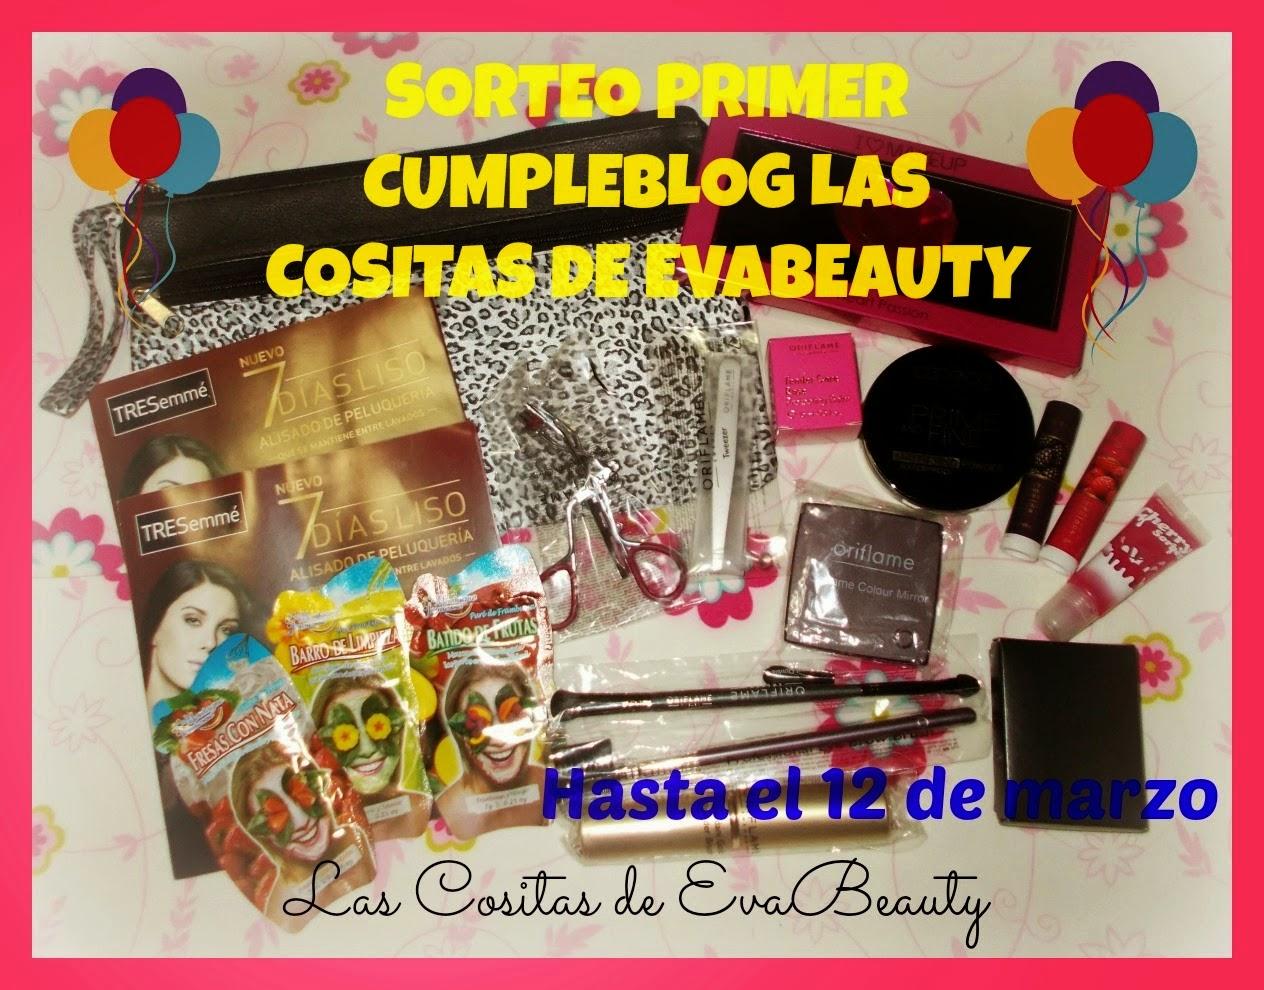 Sorteo primer cumpleblog Las cositas de Evabeauty